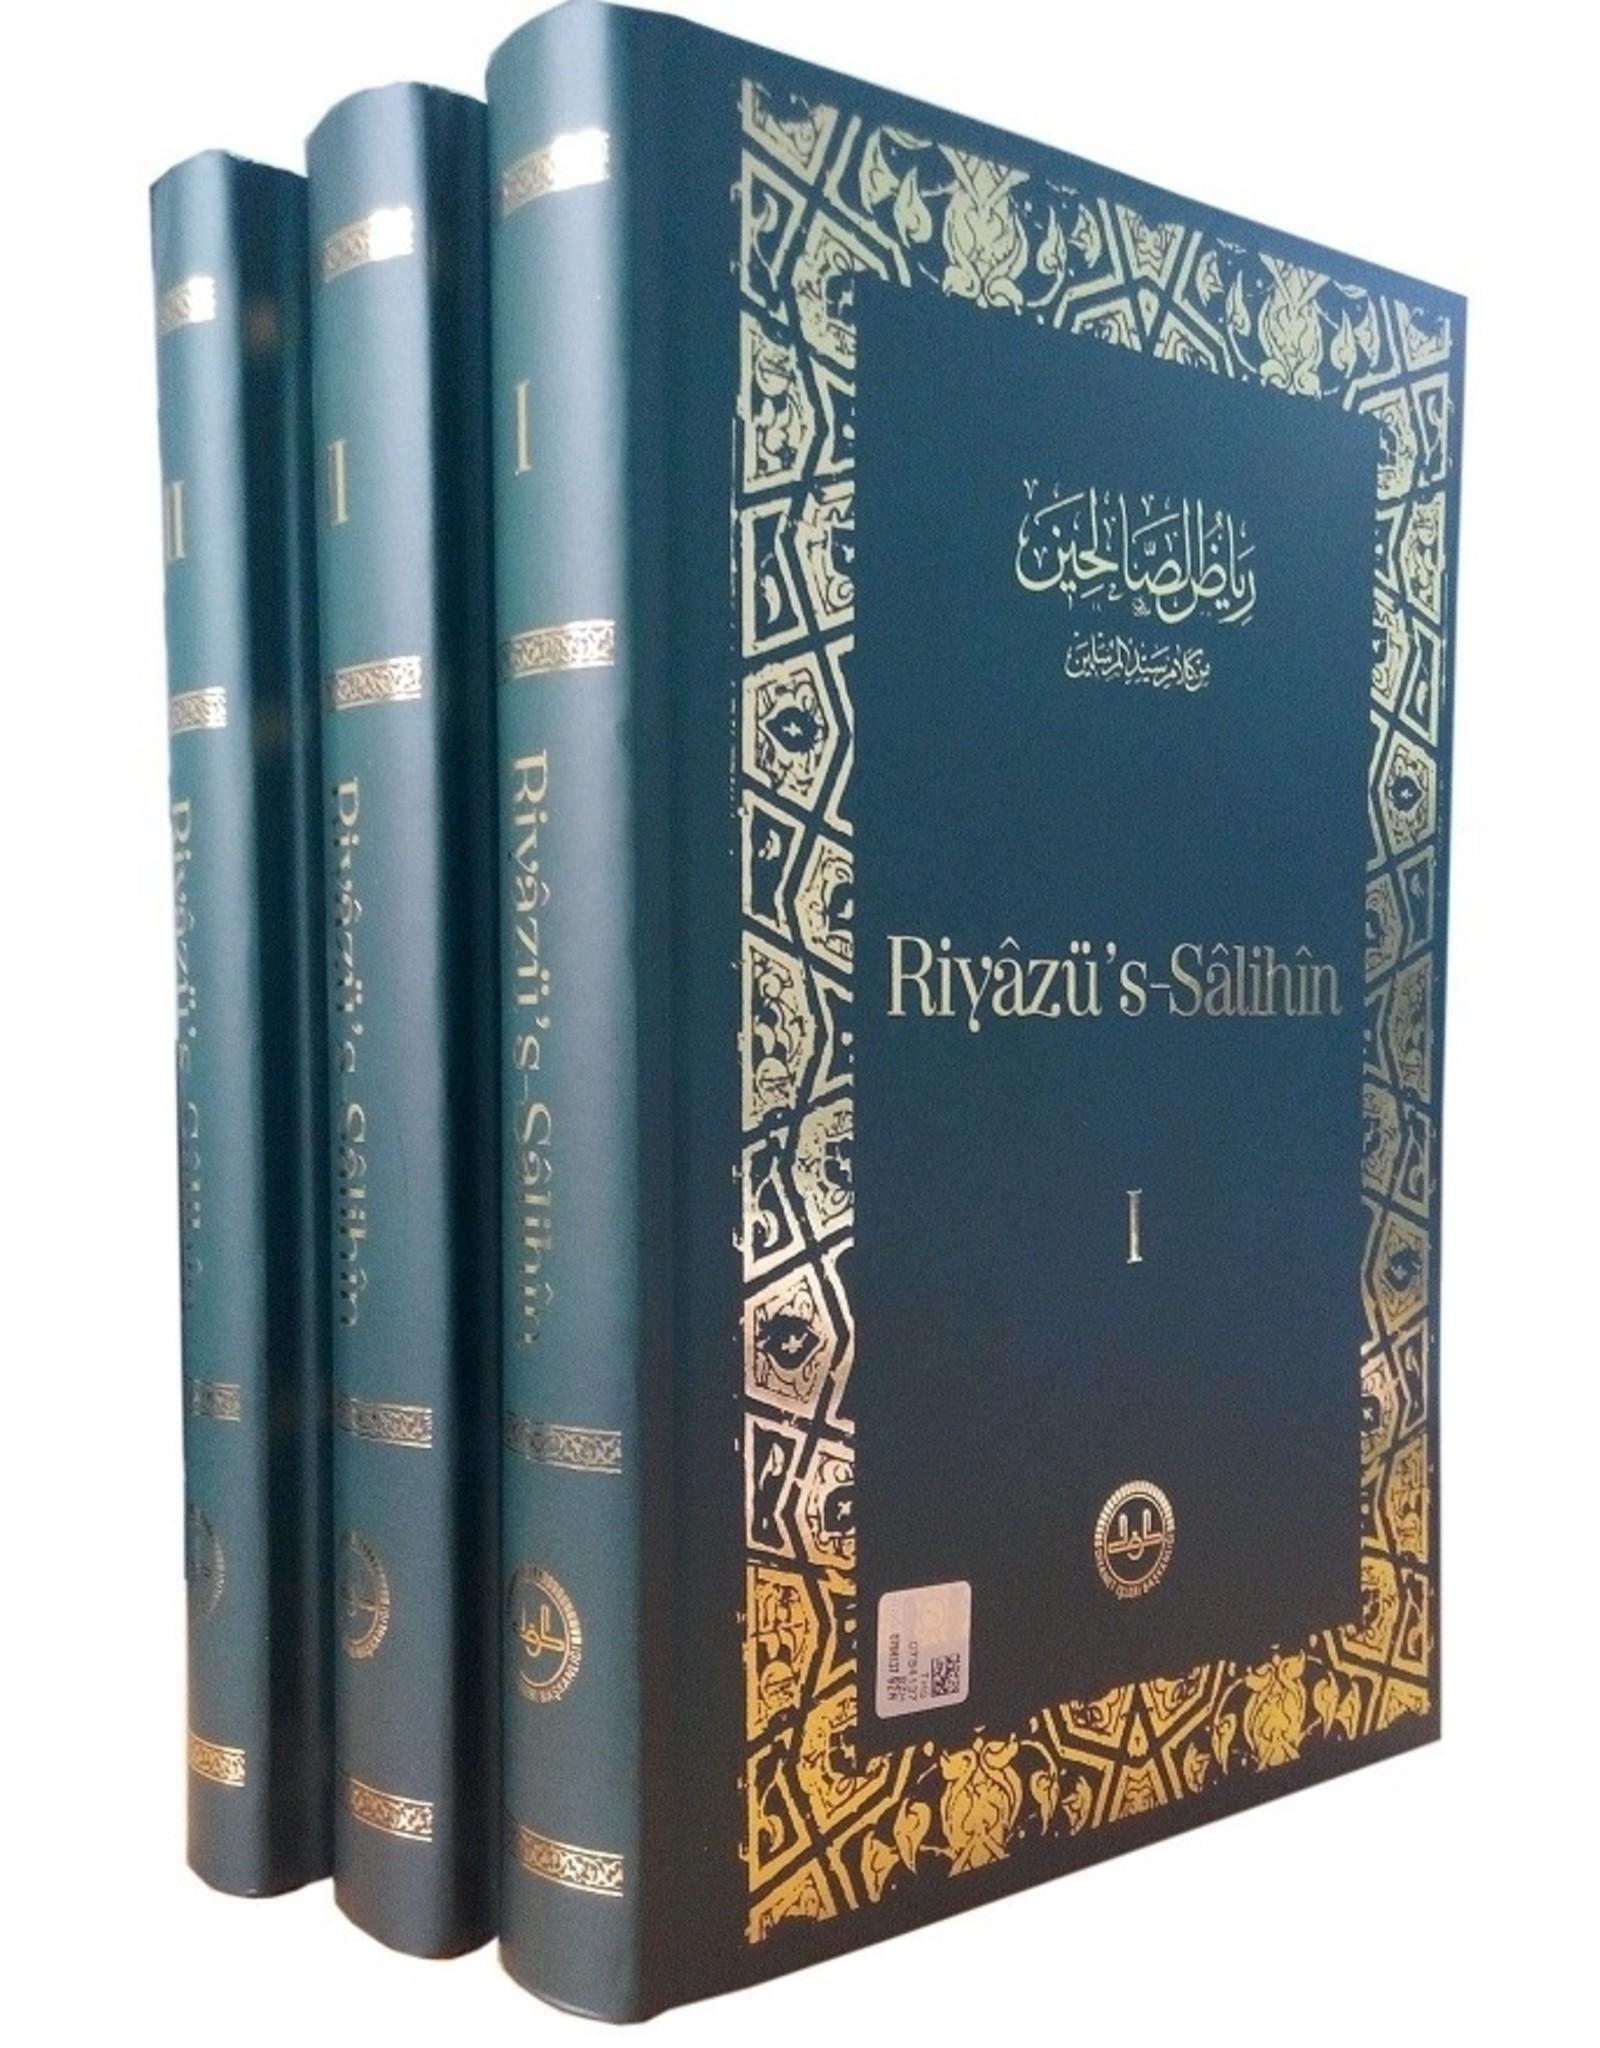 İmam Nevevi Riyazüs-Salihin (3 Cilt)